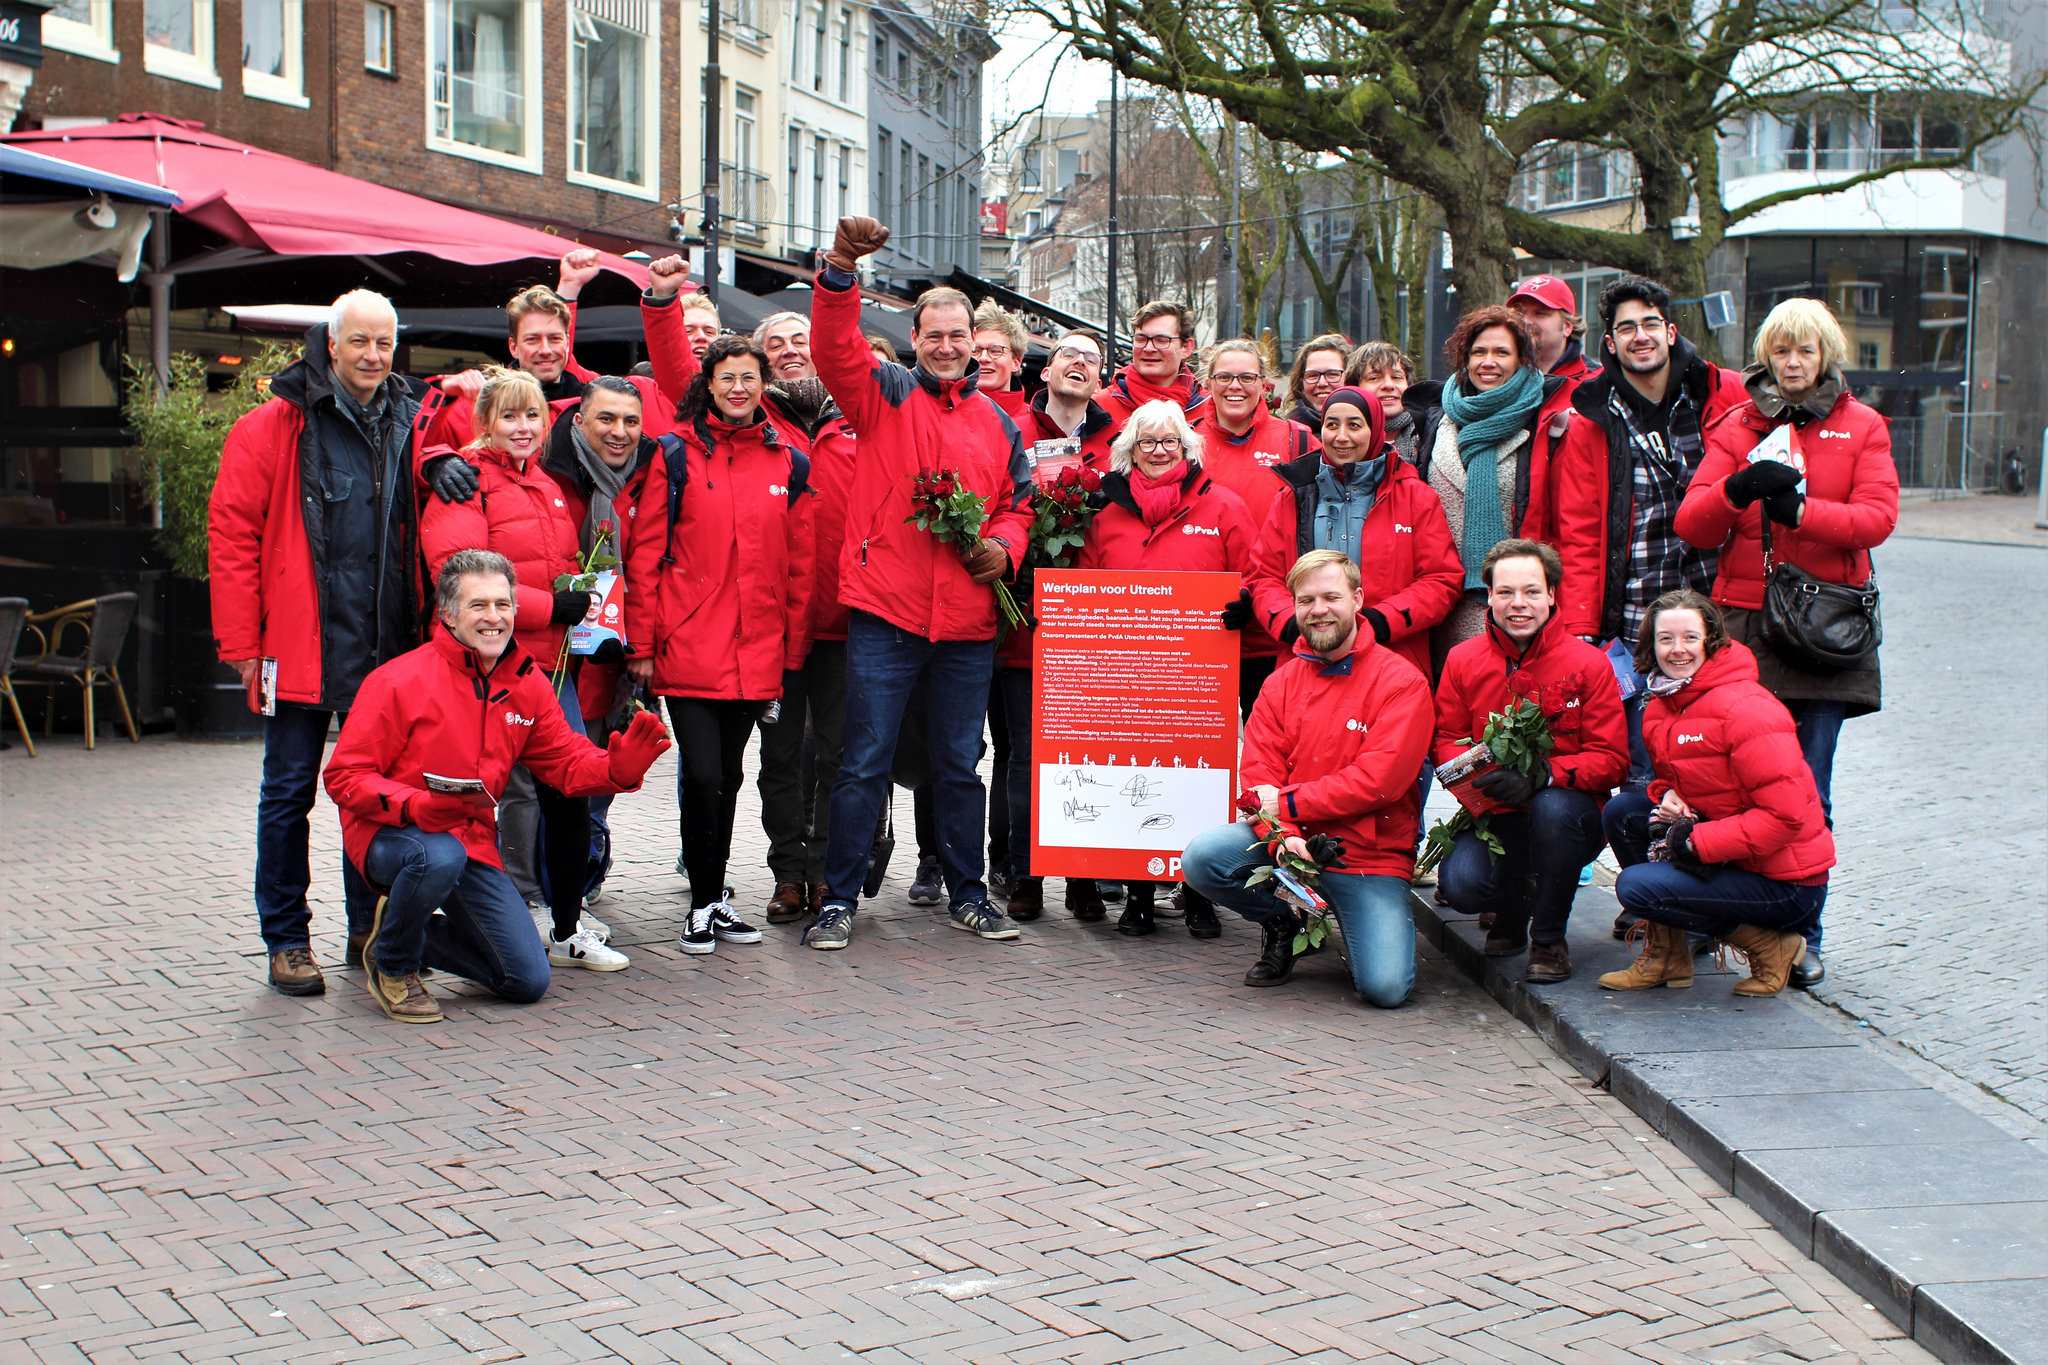 Zeker Zijn - Campagne PvdA straat